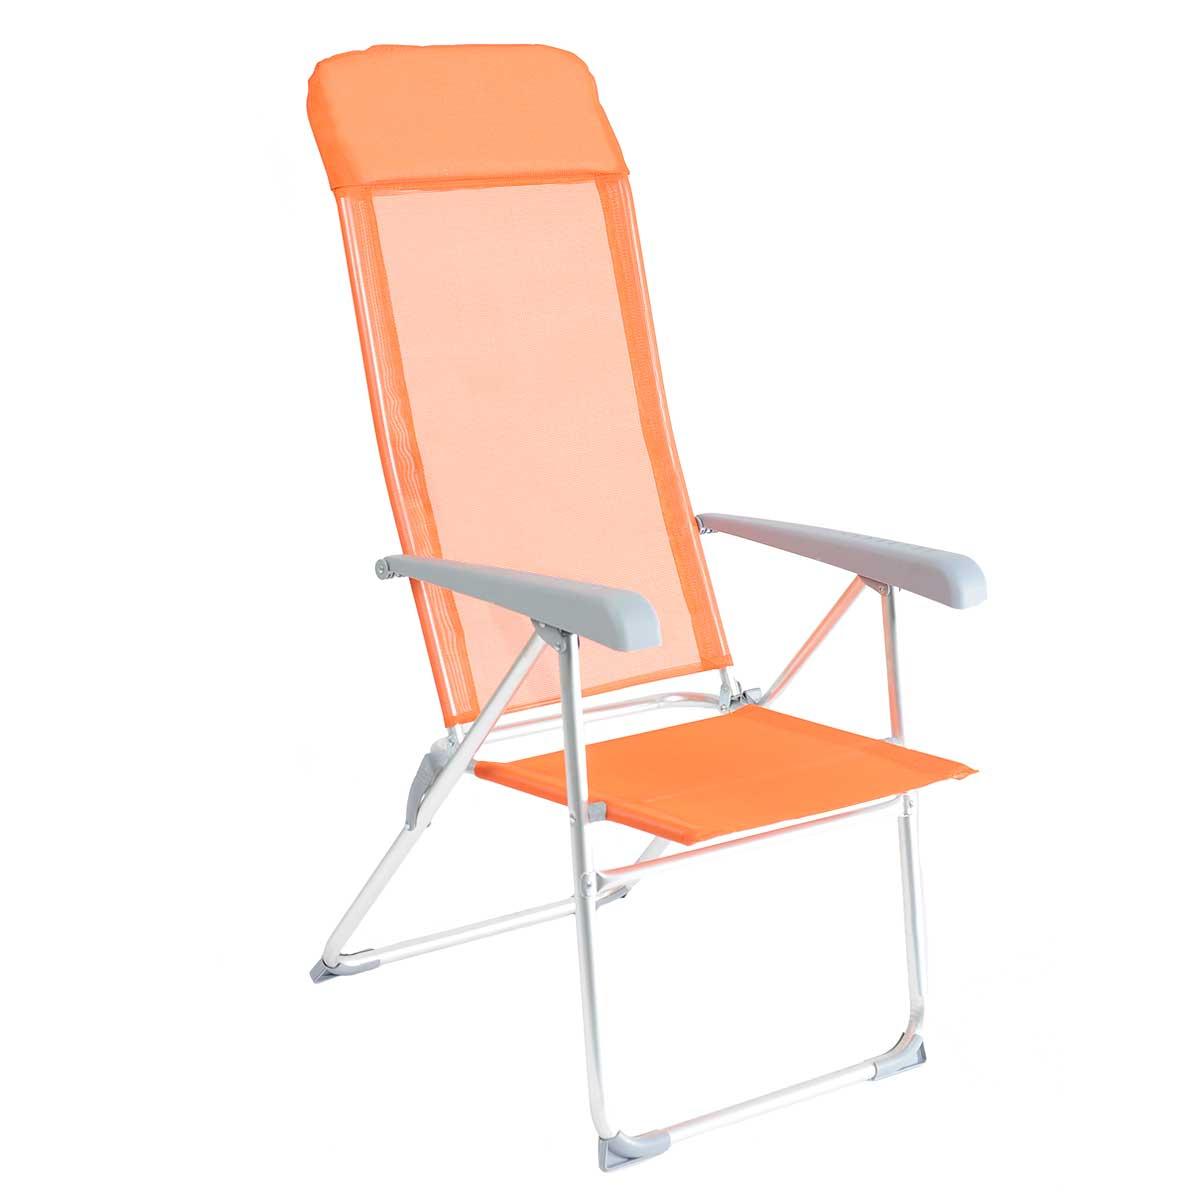 Кресло складное Woodland Dacha, 66 см х 58 см х 118 смЛК-8106Складное кресло Woodland Dacha предназначено для создания комфортных условий в туристических походах, рыбалке и кемпинге. Особенности: Компактная складная конструкция. Прочный алюминиевый каркас, диаметр 19/22 мм. Ткань Textilene обеспечивает отличную вентиляцию.